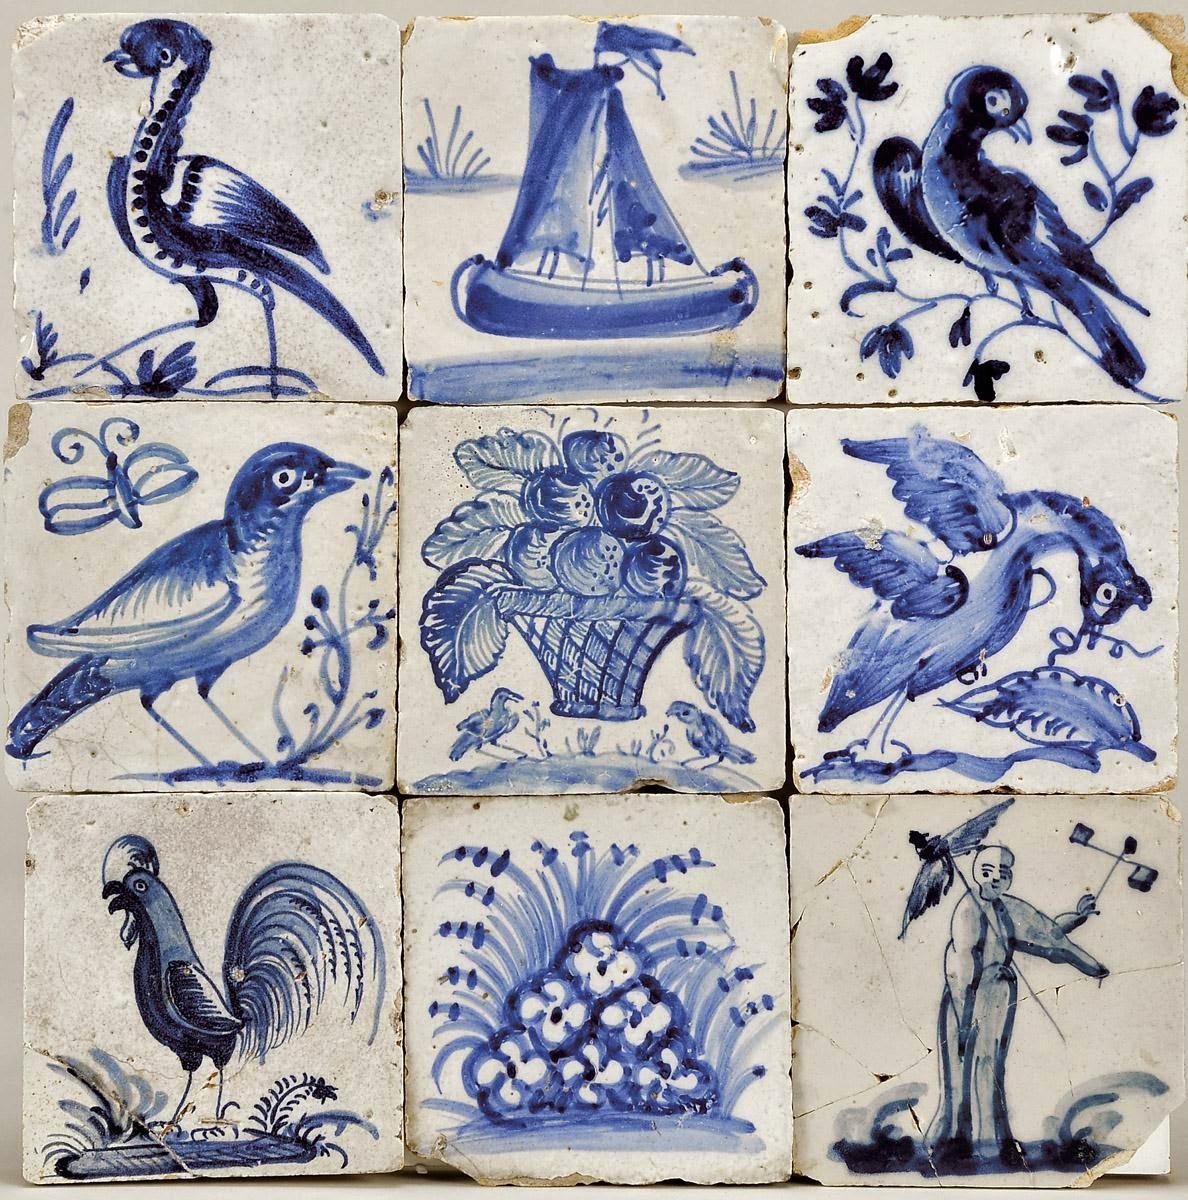 Ol como est s portugal e os azulejos for Casa dos azulejos lisboa